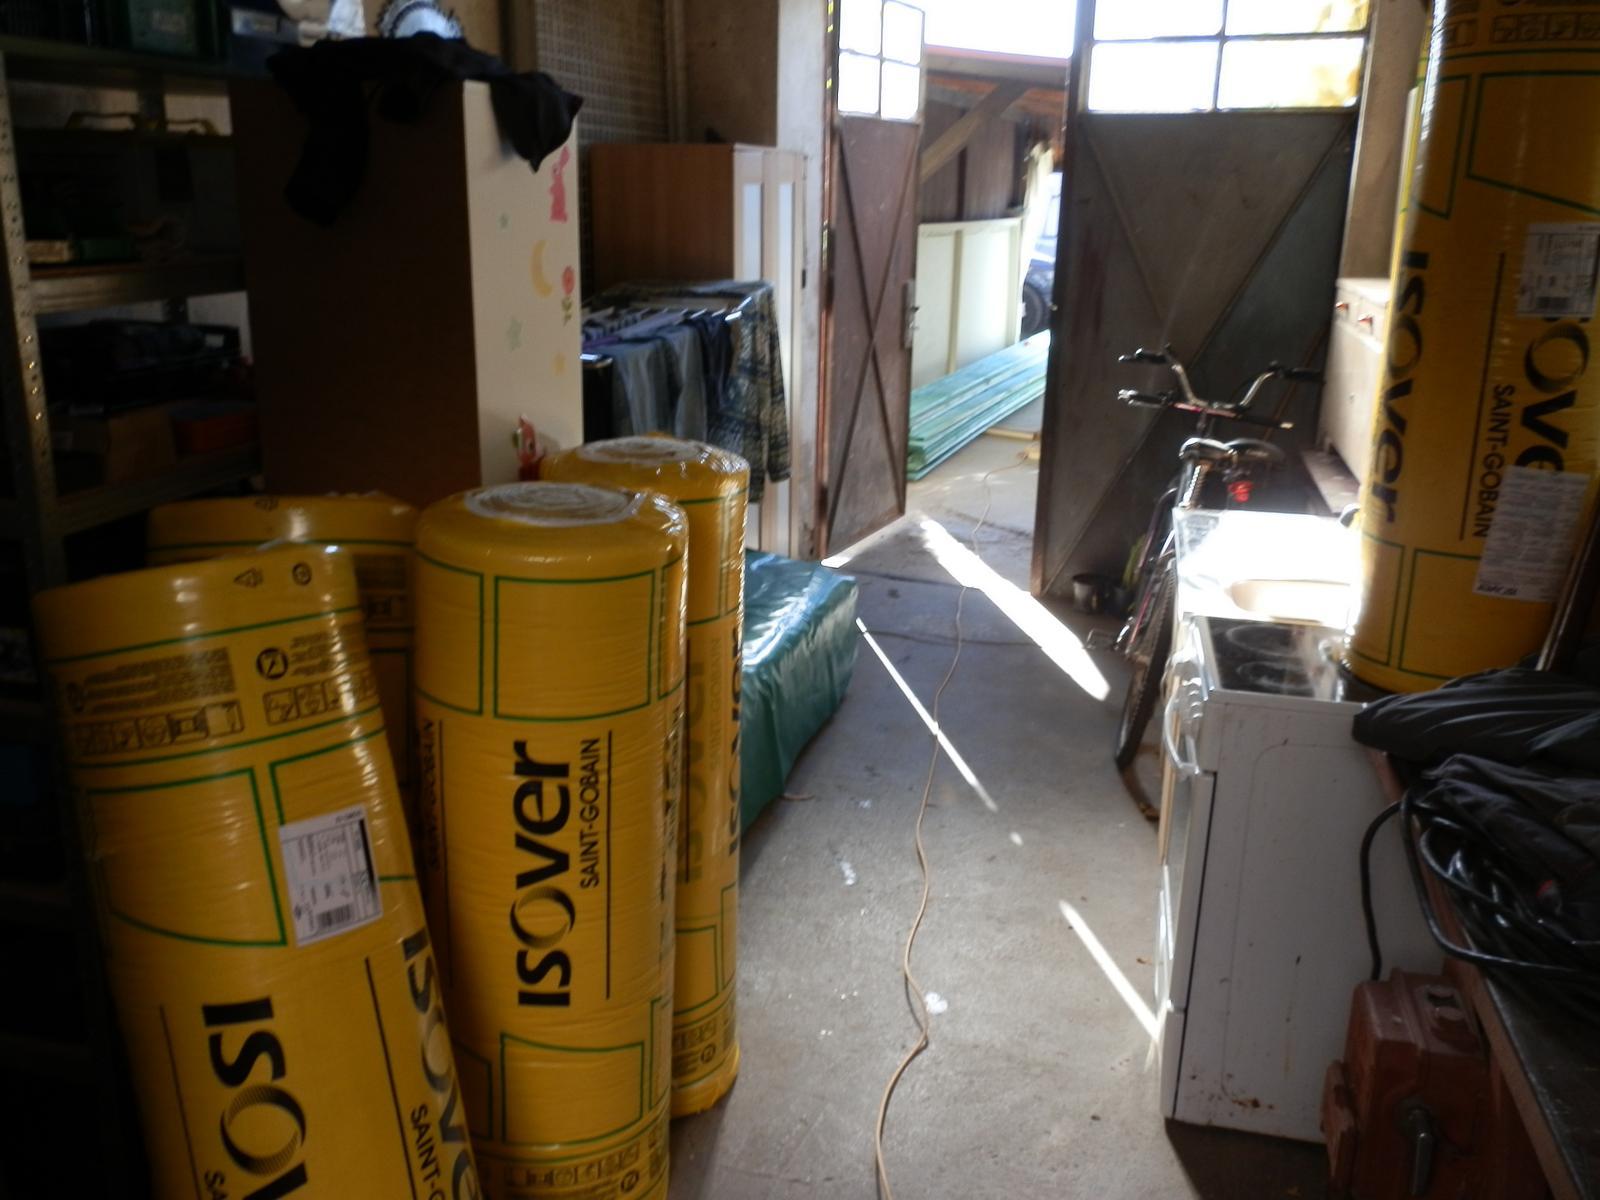 Náš byt v domě- rekonstrukce - Obrázek č. 48